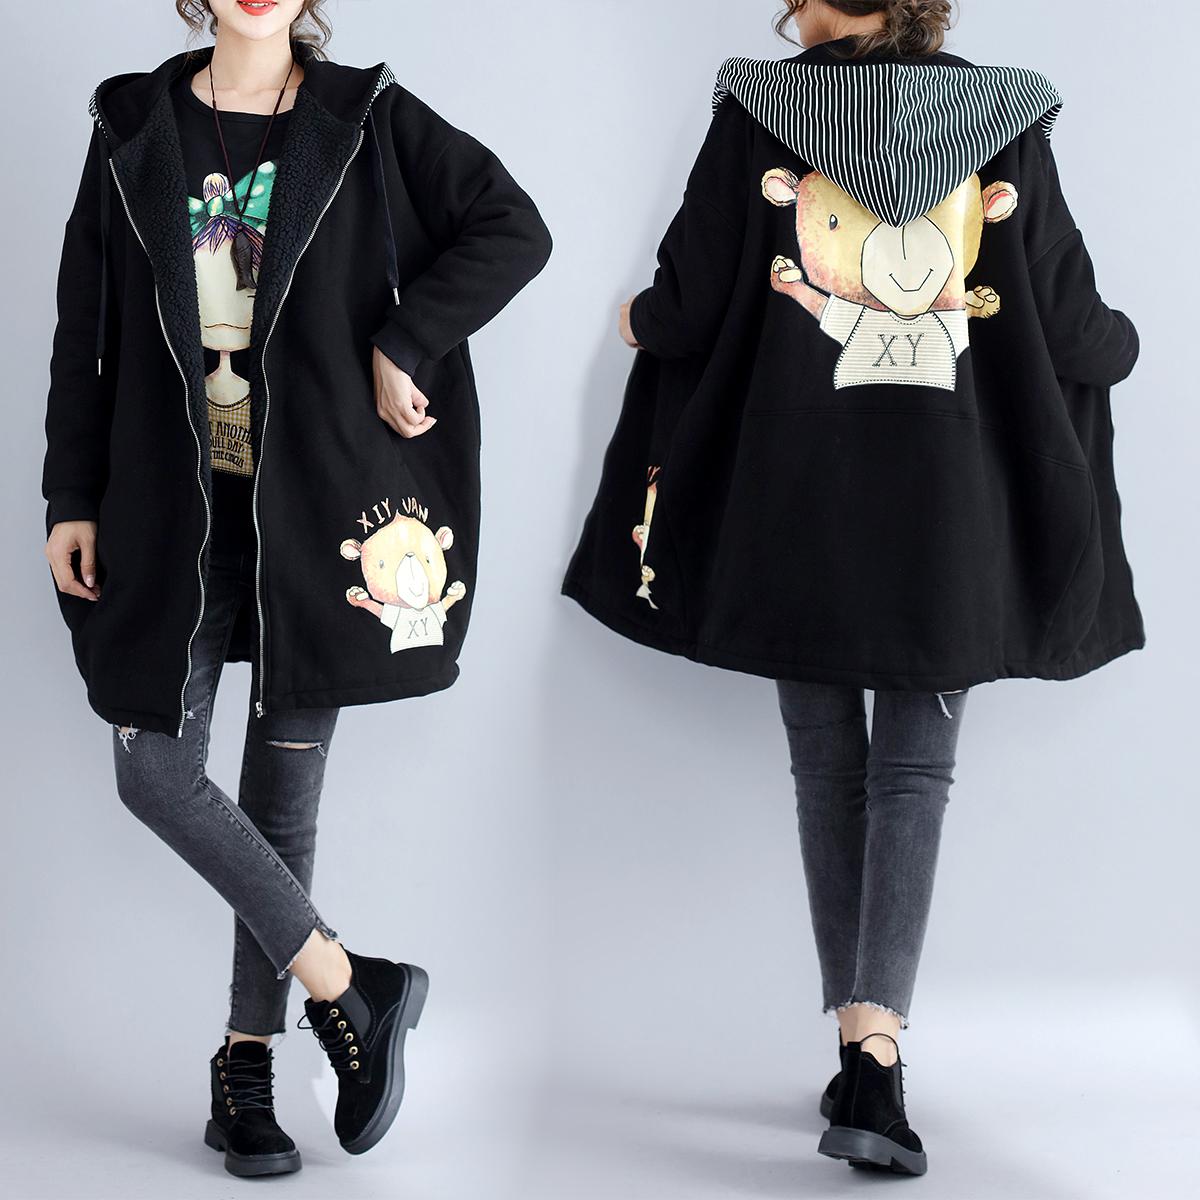 胖公主大码女装冬装外套200斤胖妹妹中长款宽松加绒加厚卫衣显瘦